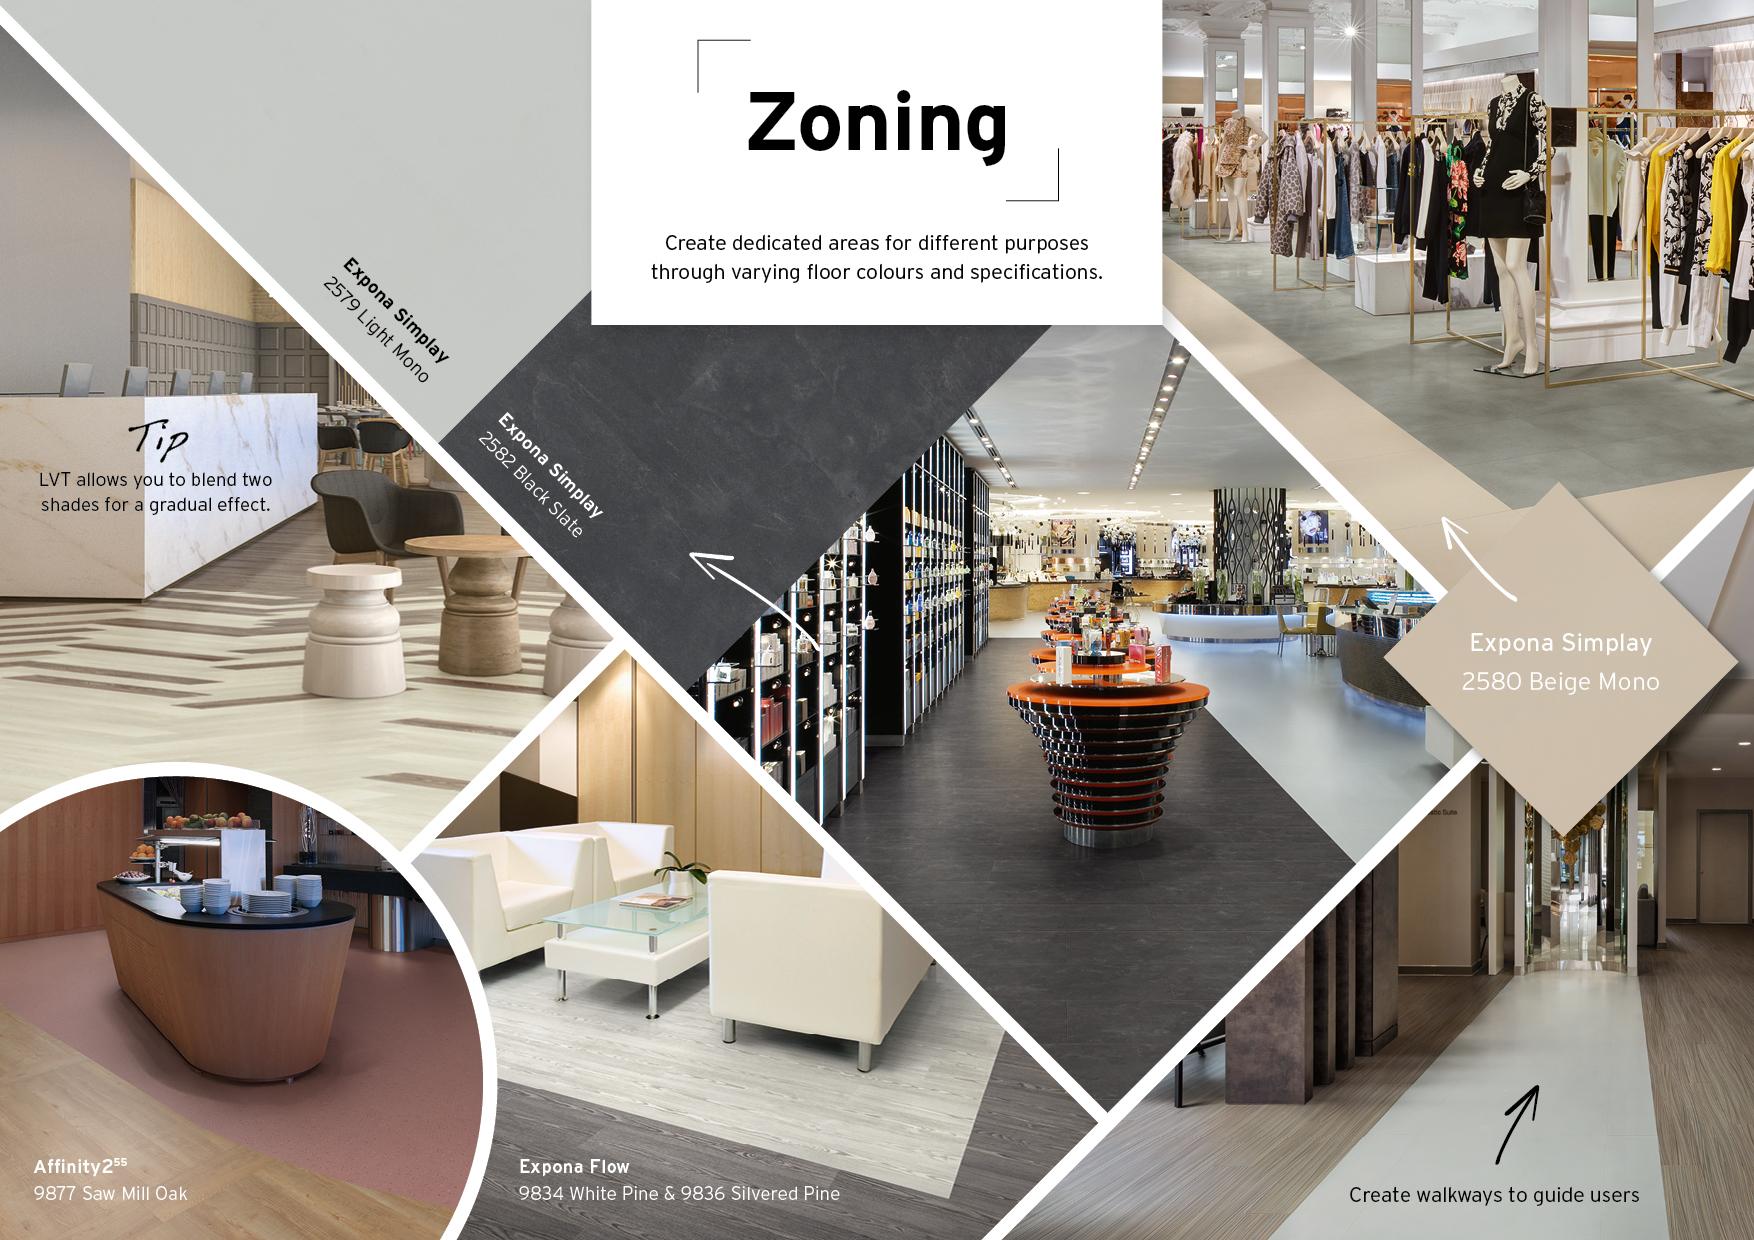 Image:LVT Trend Spotlight : Zoning